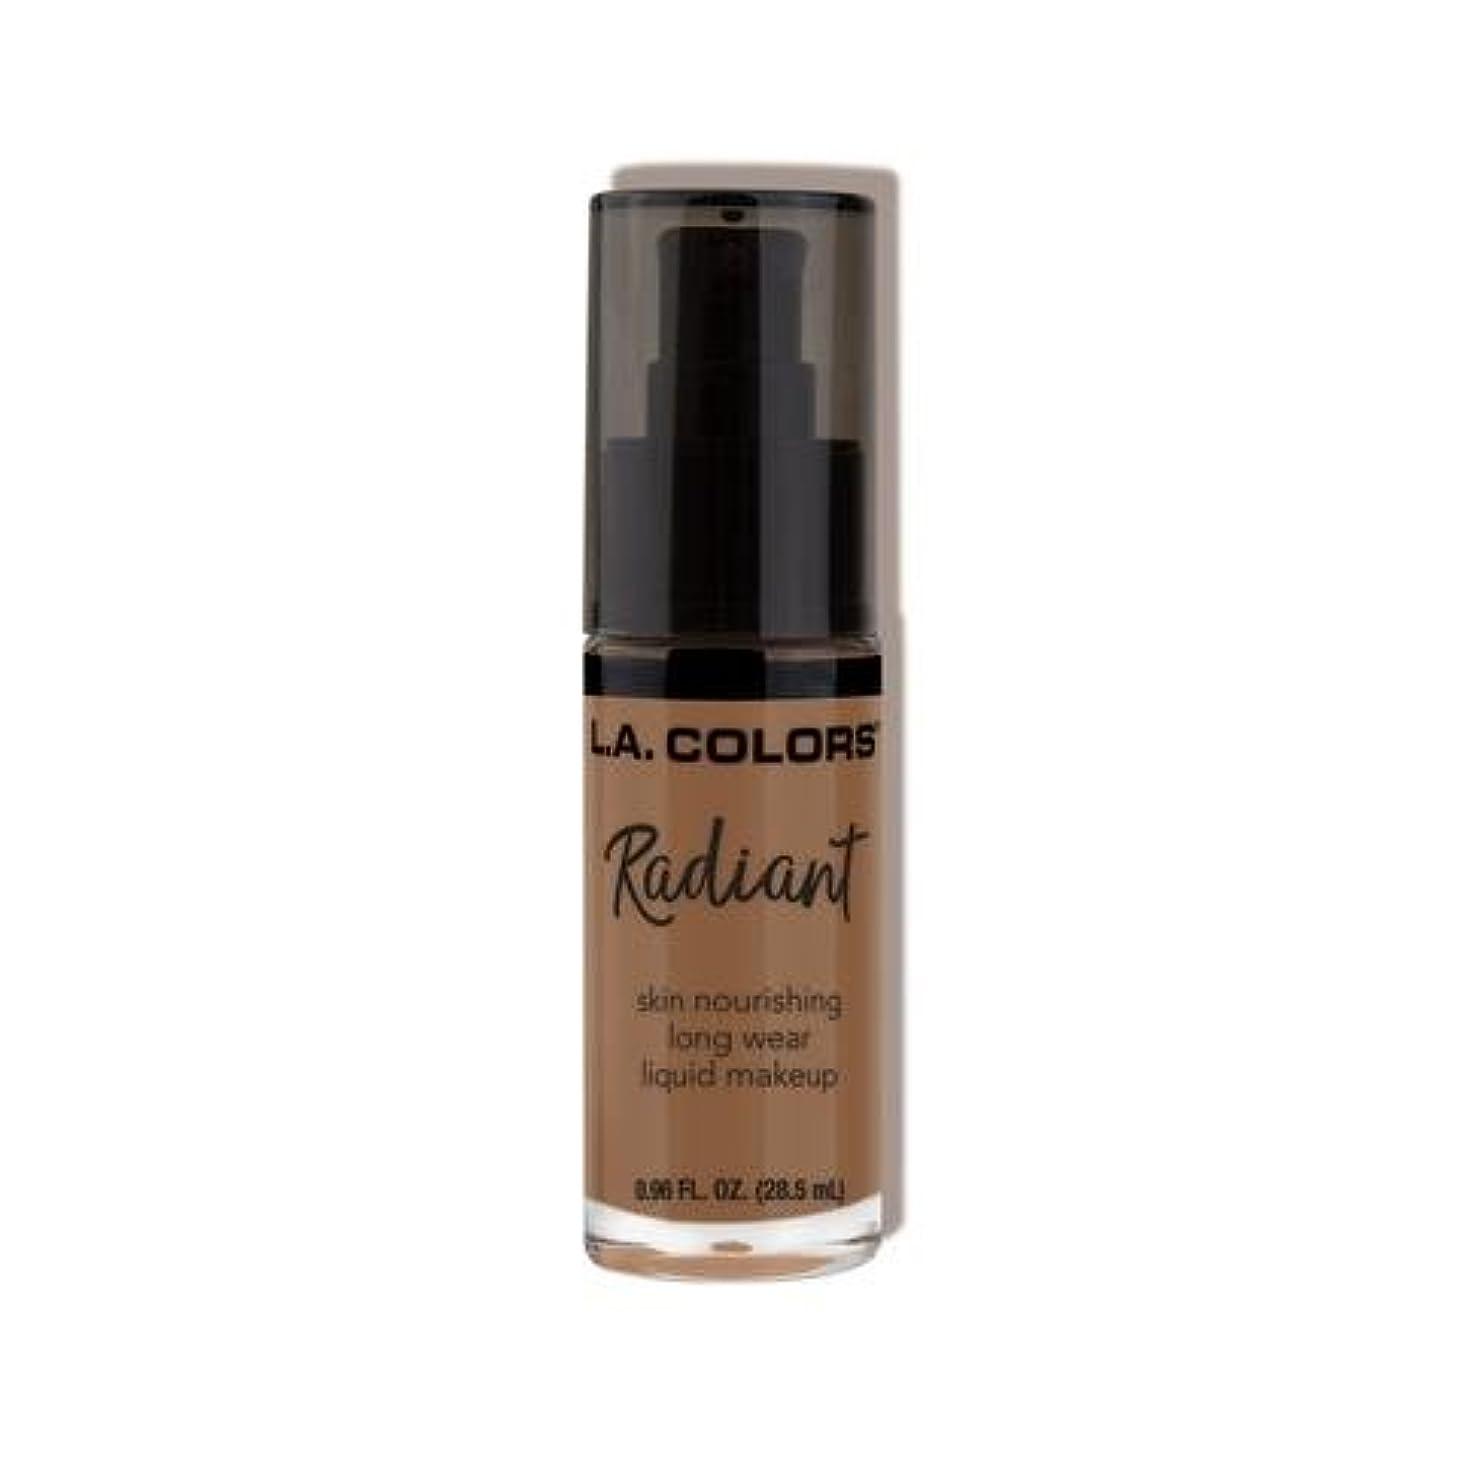 流欲しいです忌まわしい(3 Pack) L.A. COLORS Radiant Liquid Makeup - Mocha (並行輸入品)